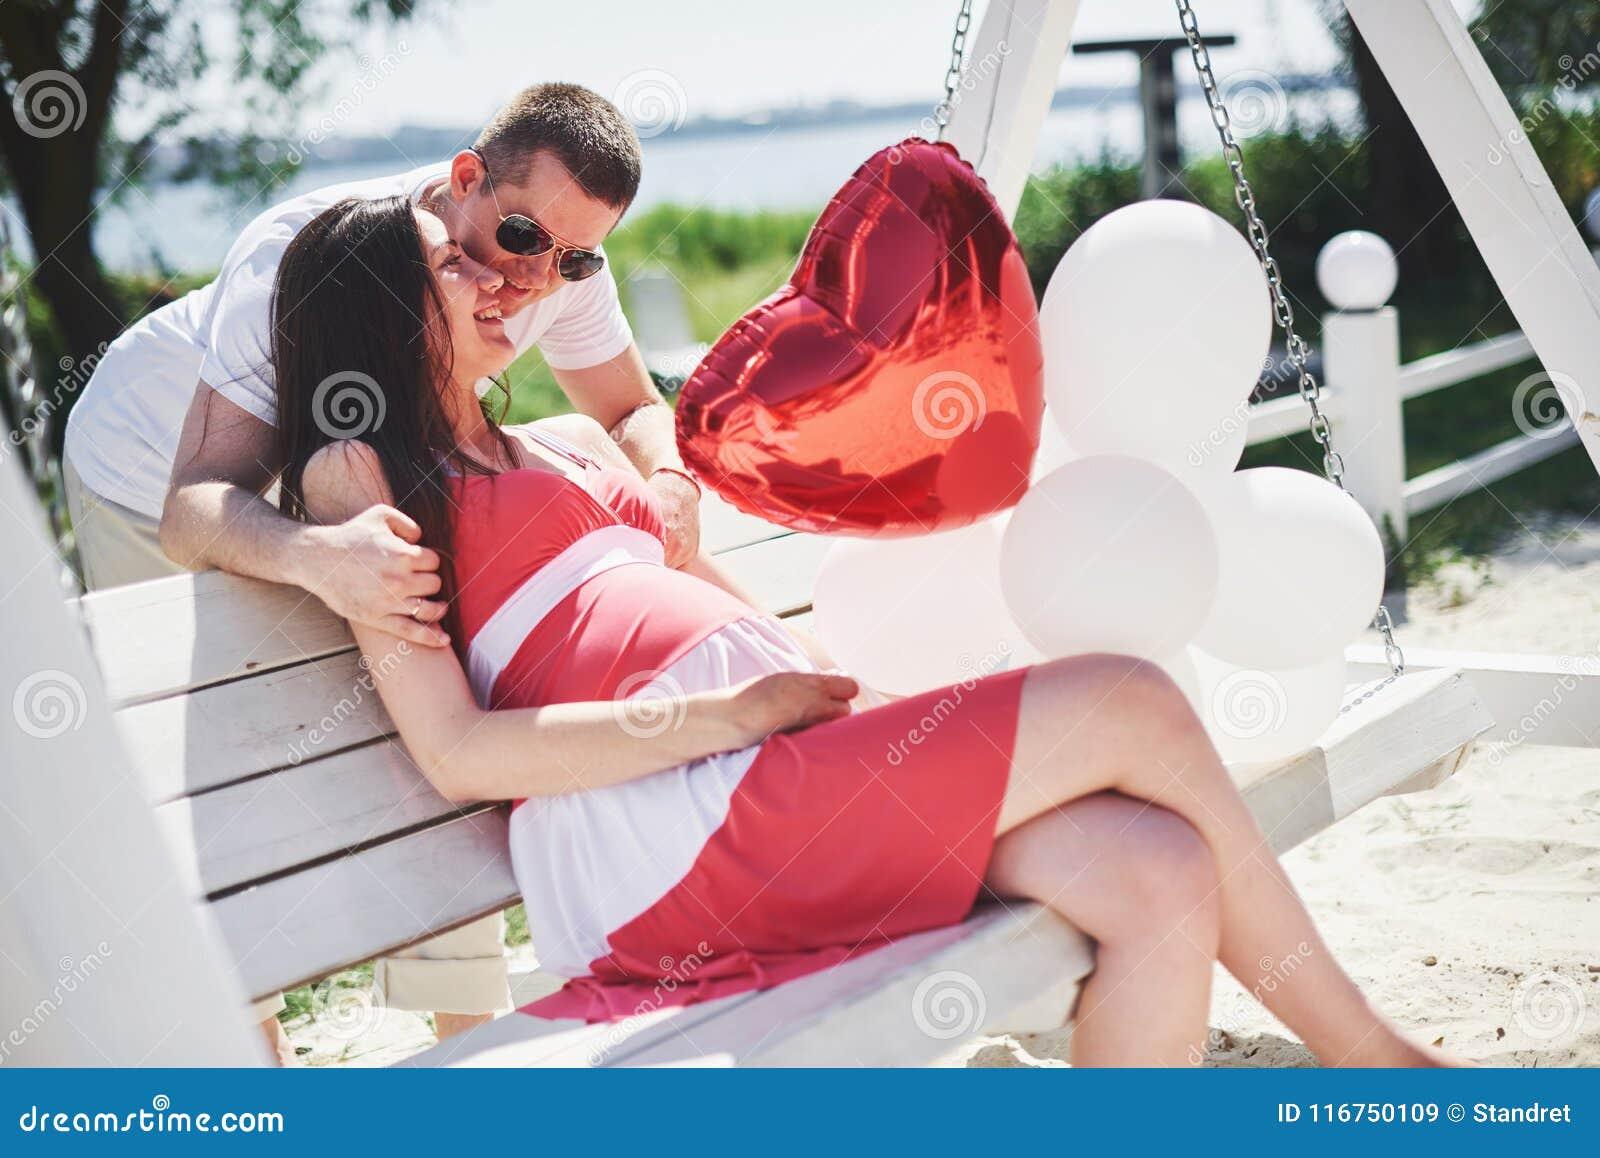 dating website 100 gratis